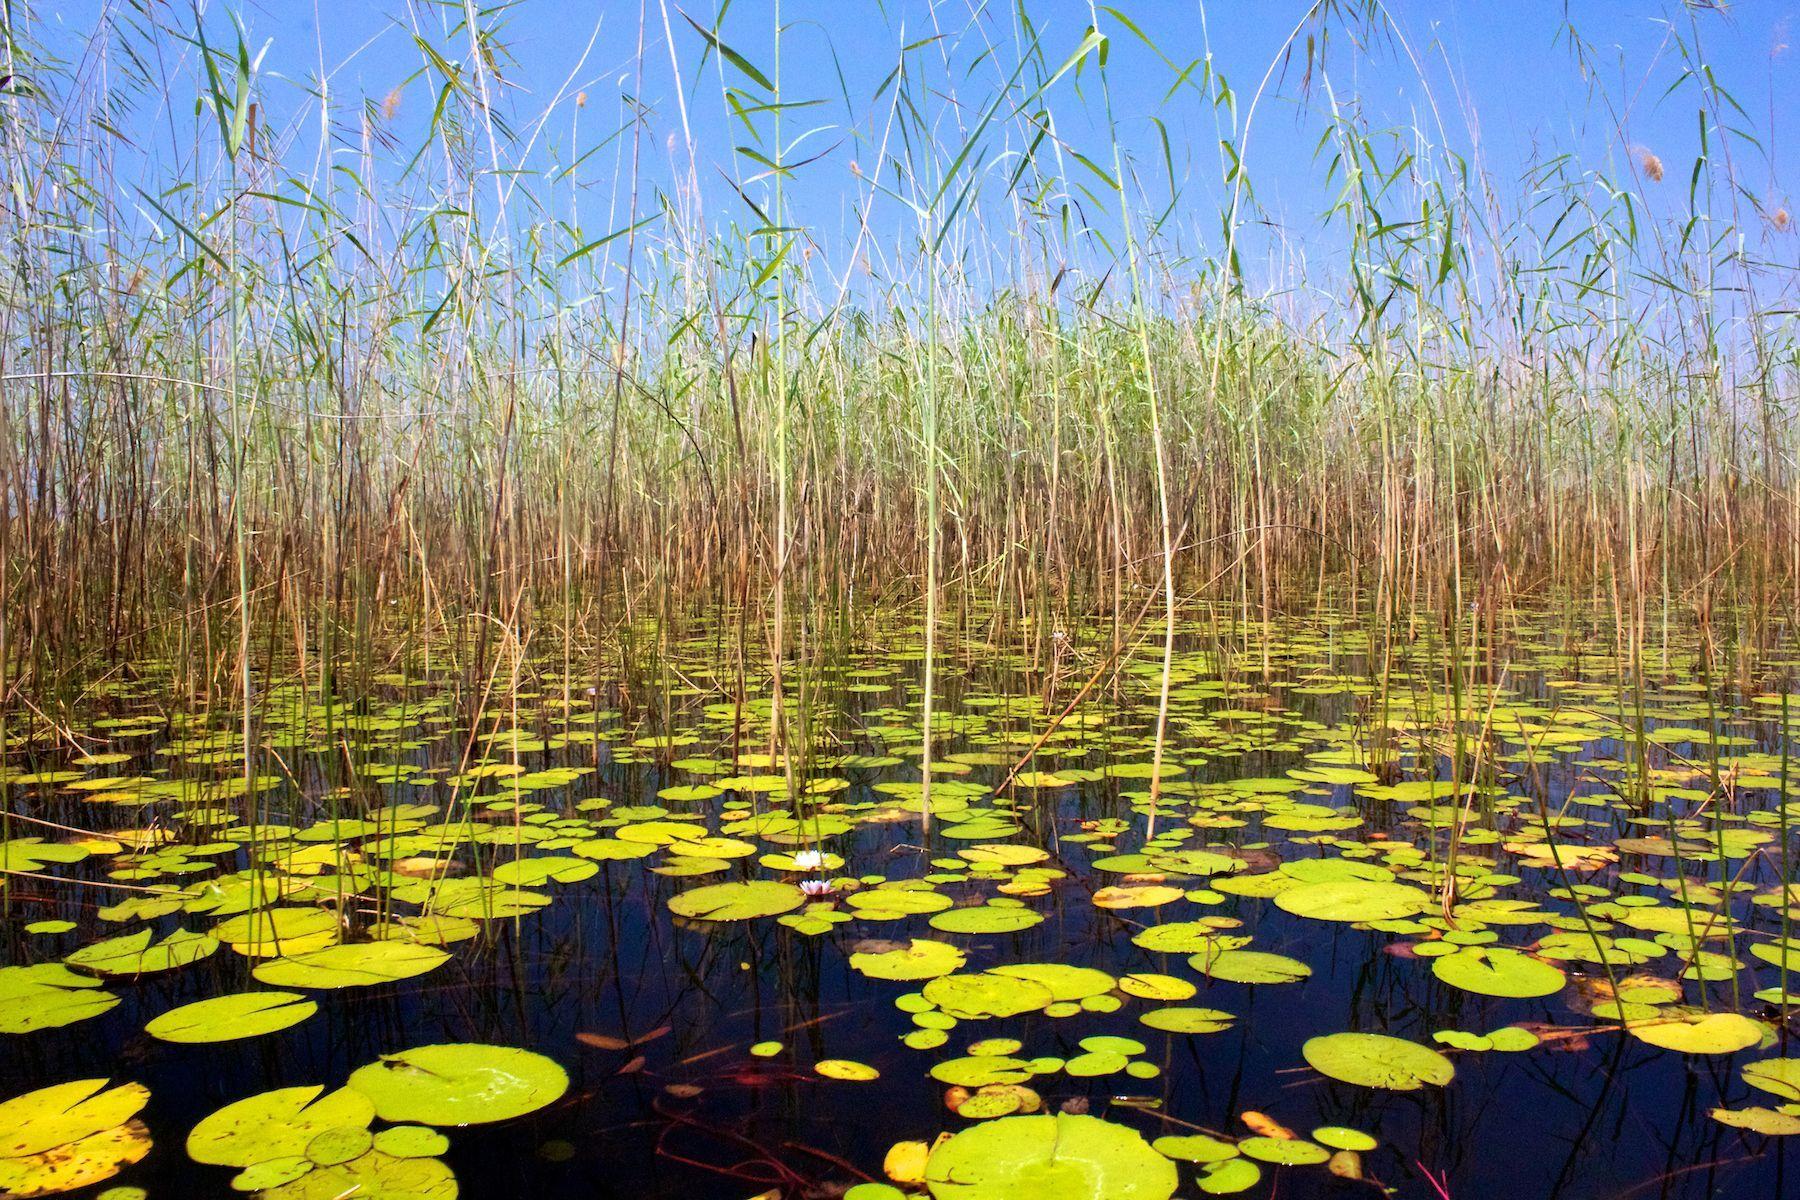 Okavango delta scene